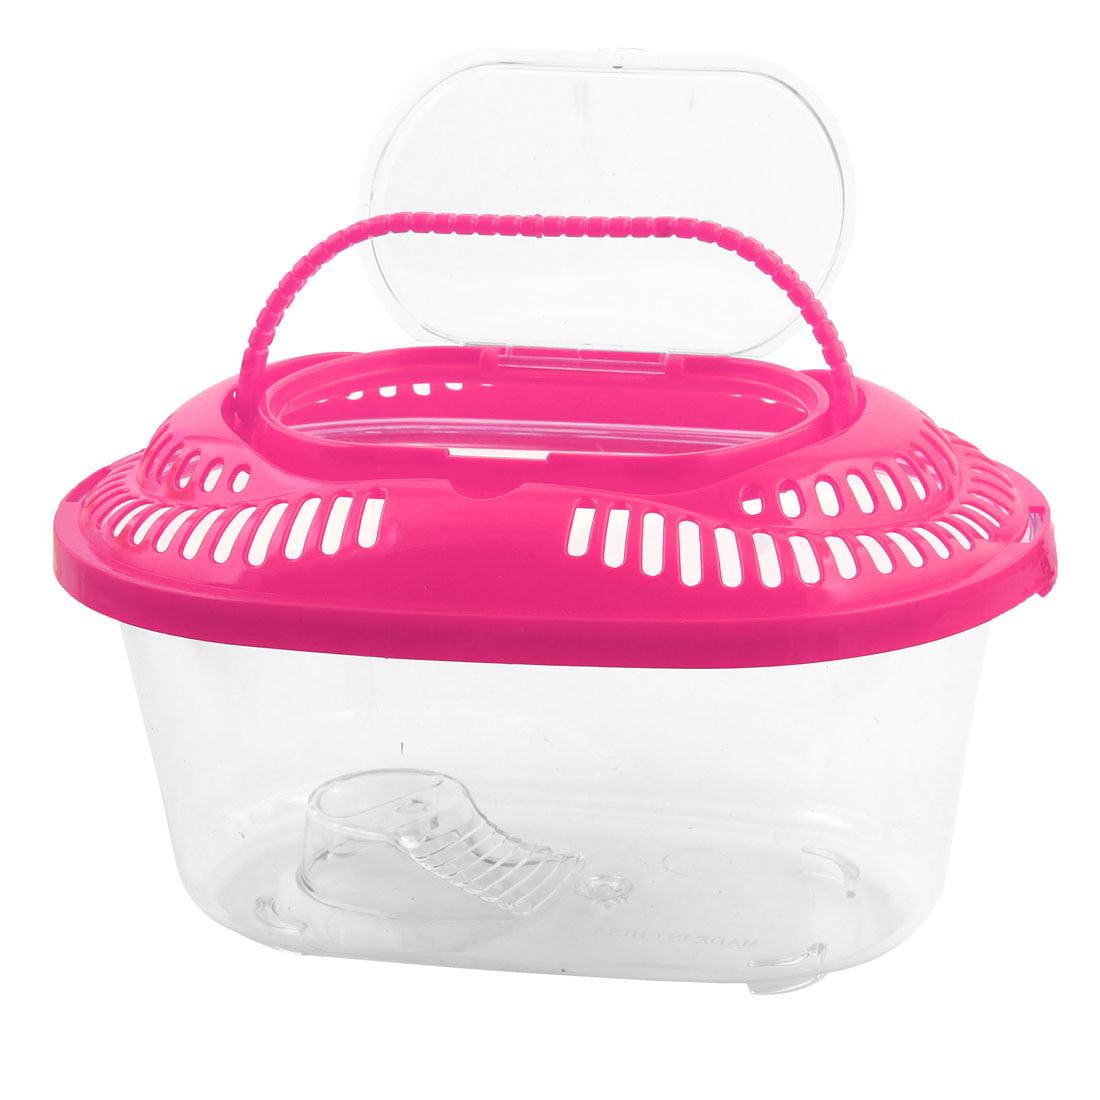 Plastic Oval Design Aquarium Betta Fish Tank Pet Feed Box Pink